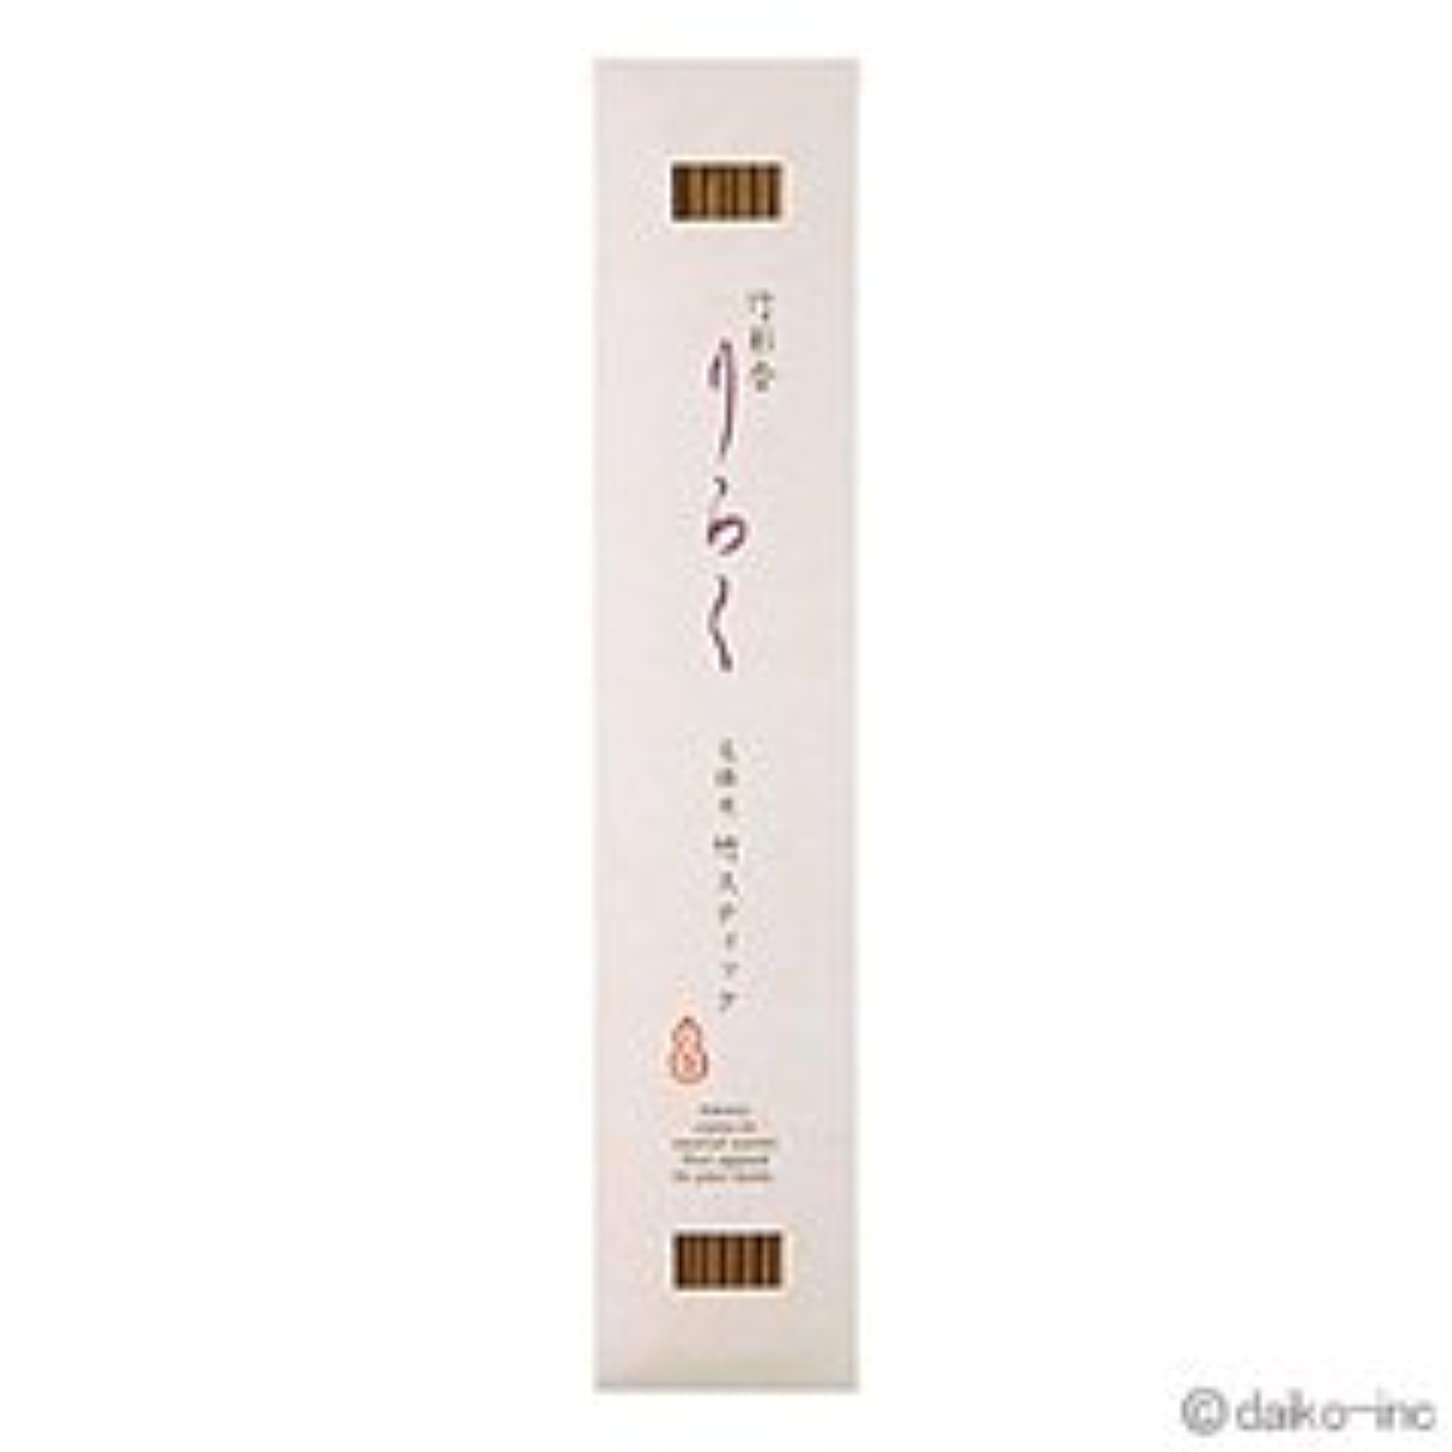 ウェブ豚肉財産【大香】竹彩香(しさいこう) りらく 交換用竹スティック 白檀の色 10本入